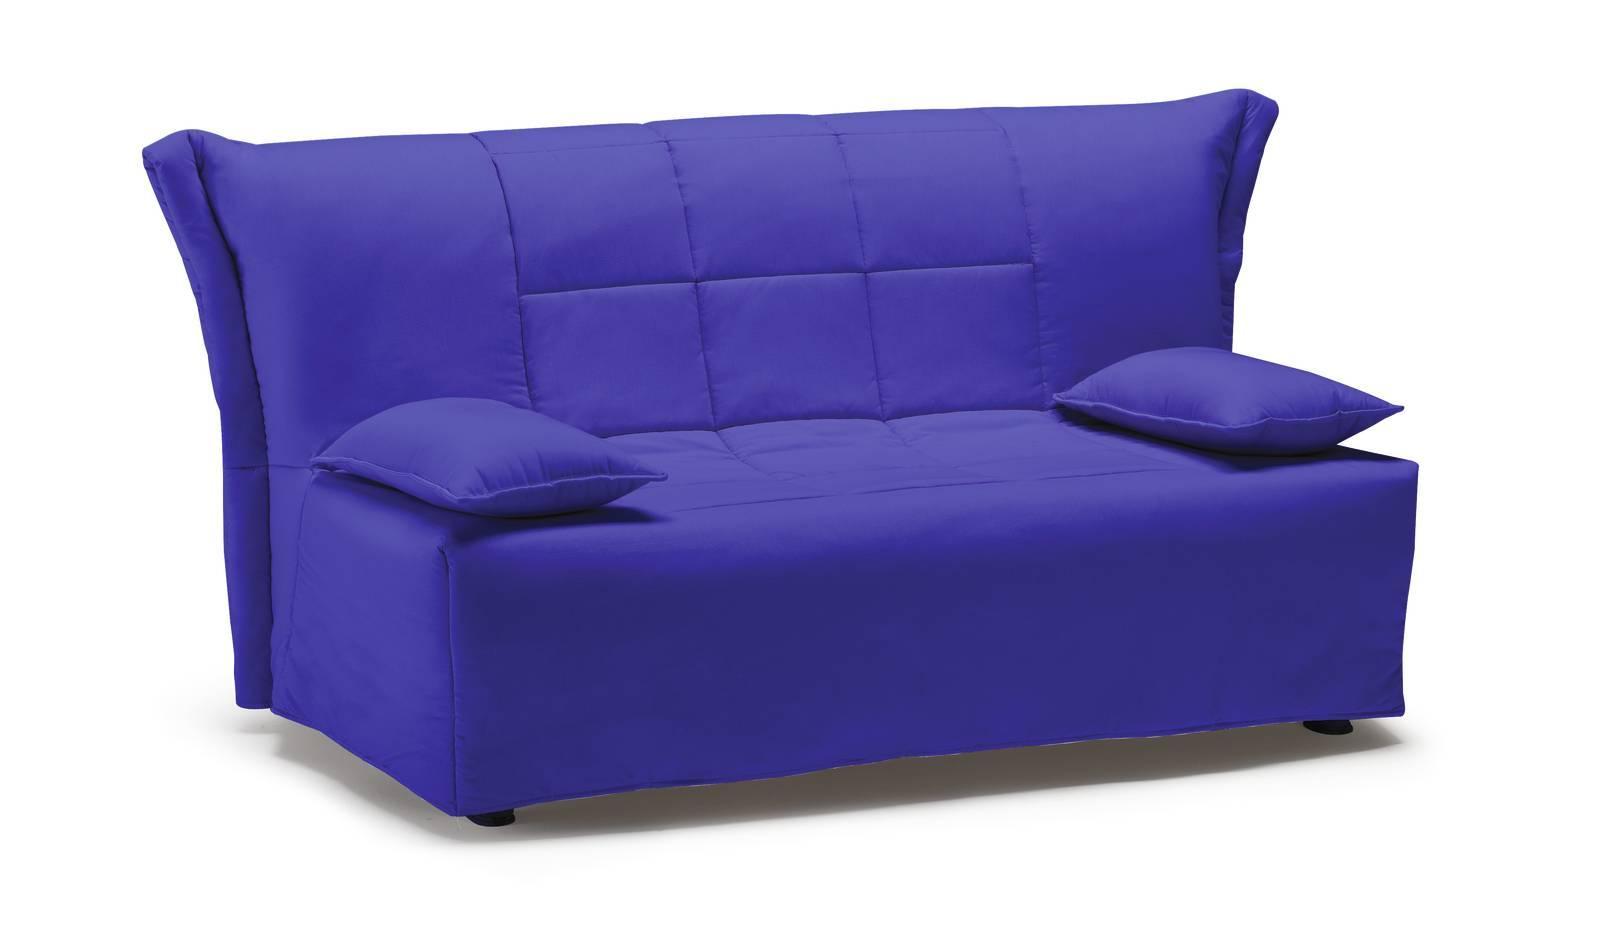 Divani Letto Ikea Due Posti.Divano Letto Piccolo 14 Modelli Per Il Gradito Ospite Cose Di Casa